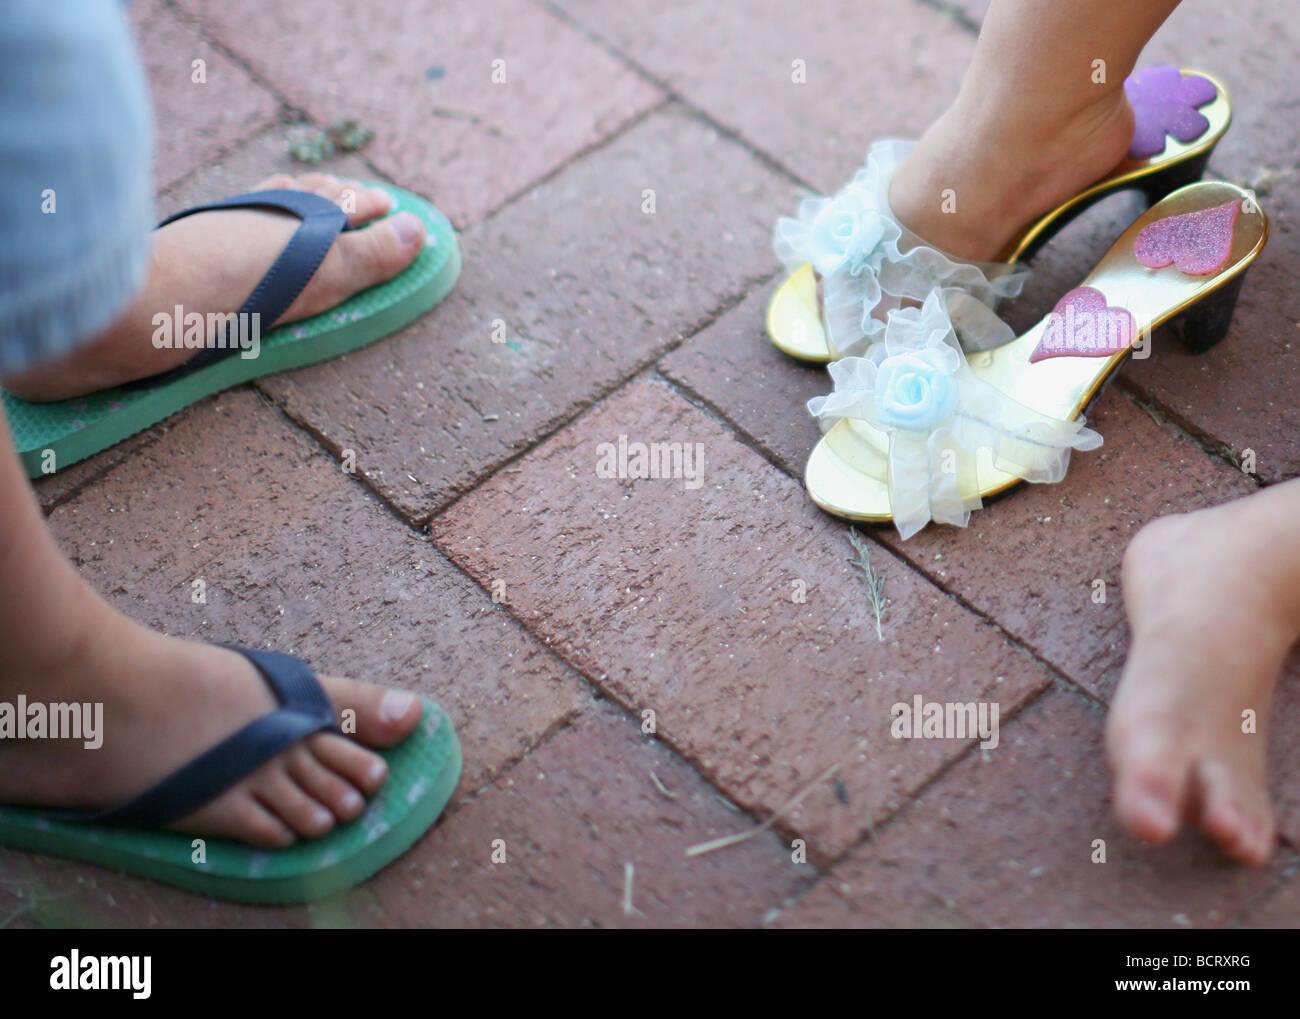 Bajo la sección de dos niños vestidos zapatillas y sandalia Imagen De Stock